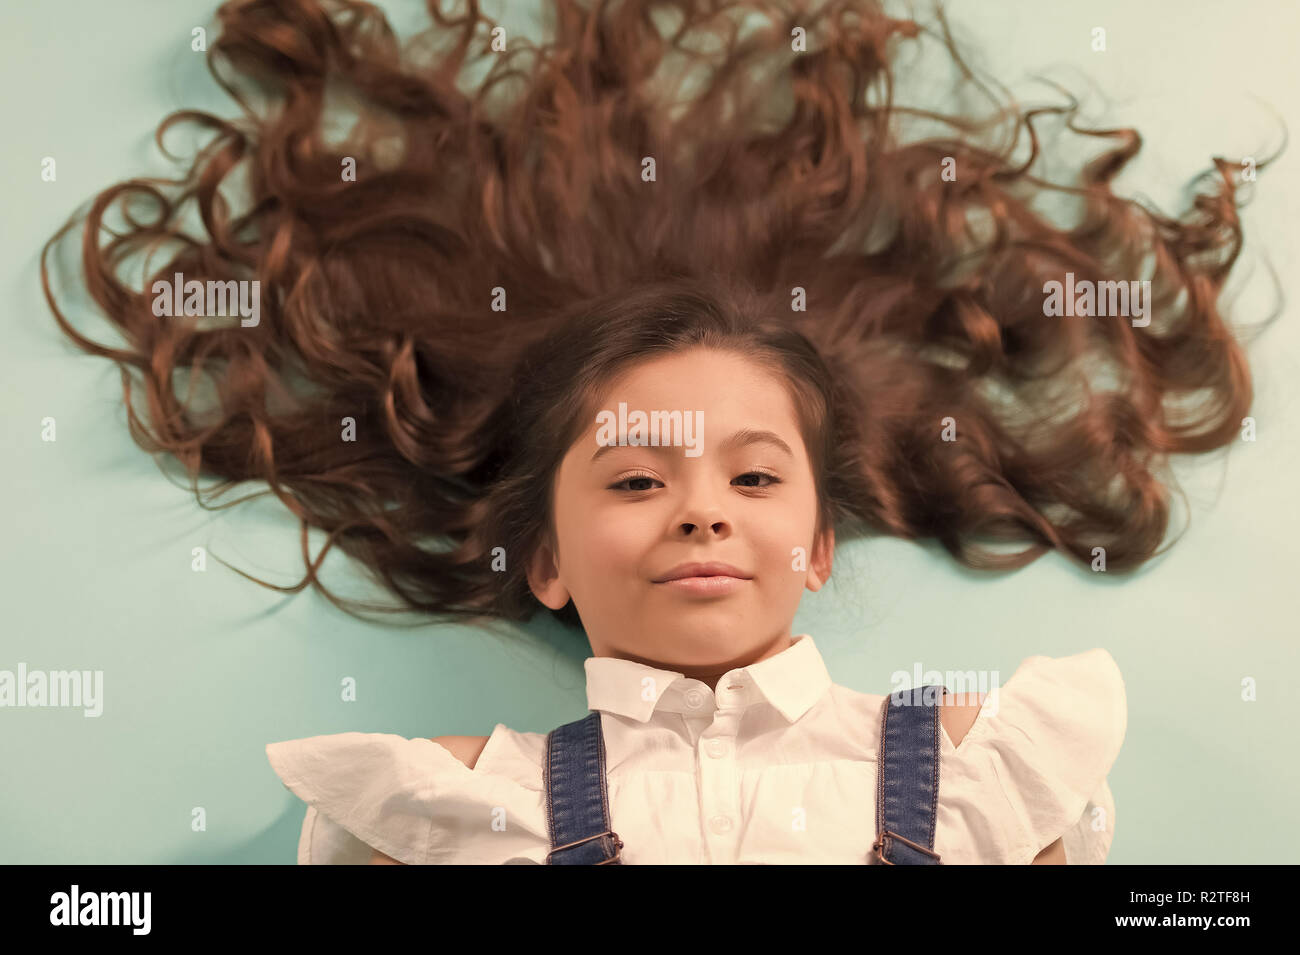 Madchen Mit Langen Gesunden Brunette Haare Auf Blauem Hintergrund